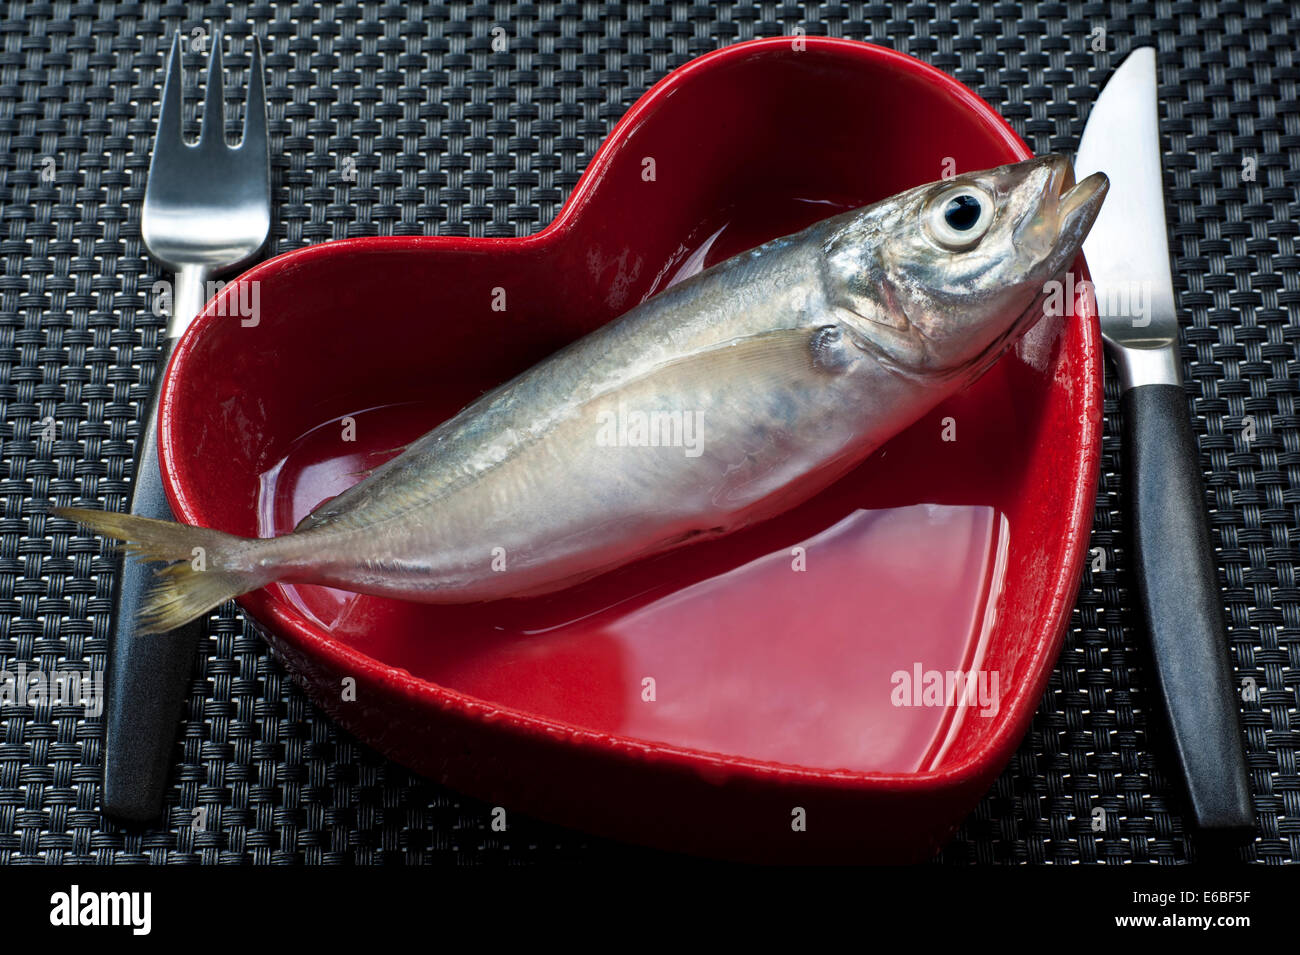 Gesunde Ernährung mit frischem Fisch Tilapia in rotes Herz Konzept geformt Teller mit Messer und Gabel auf Stockbild